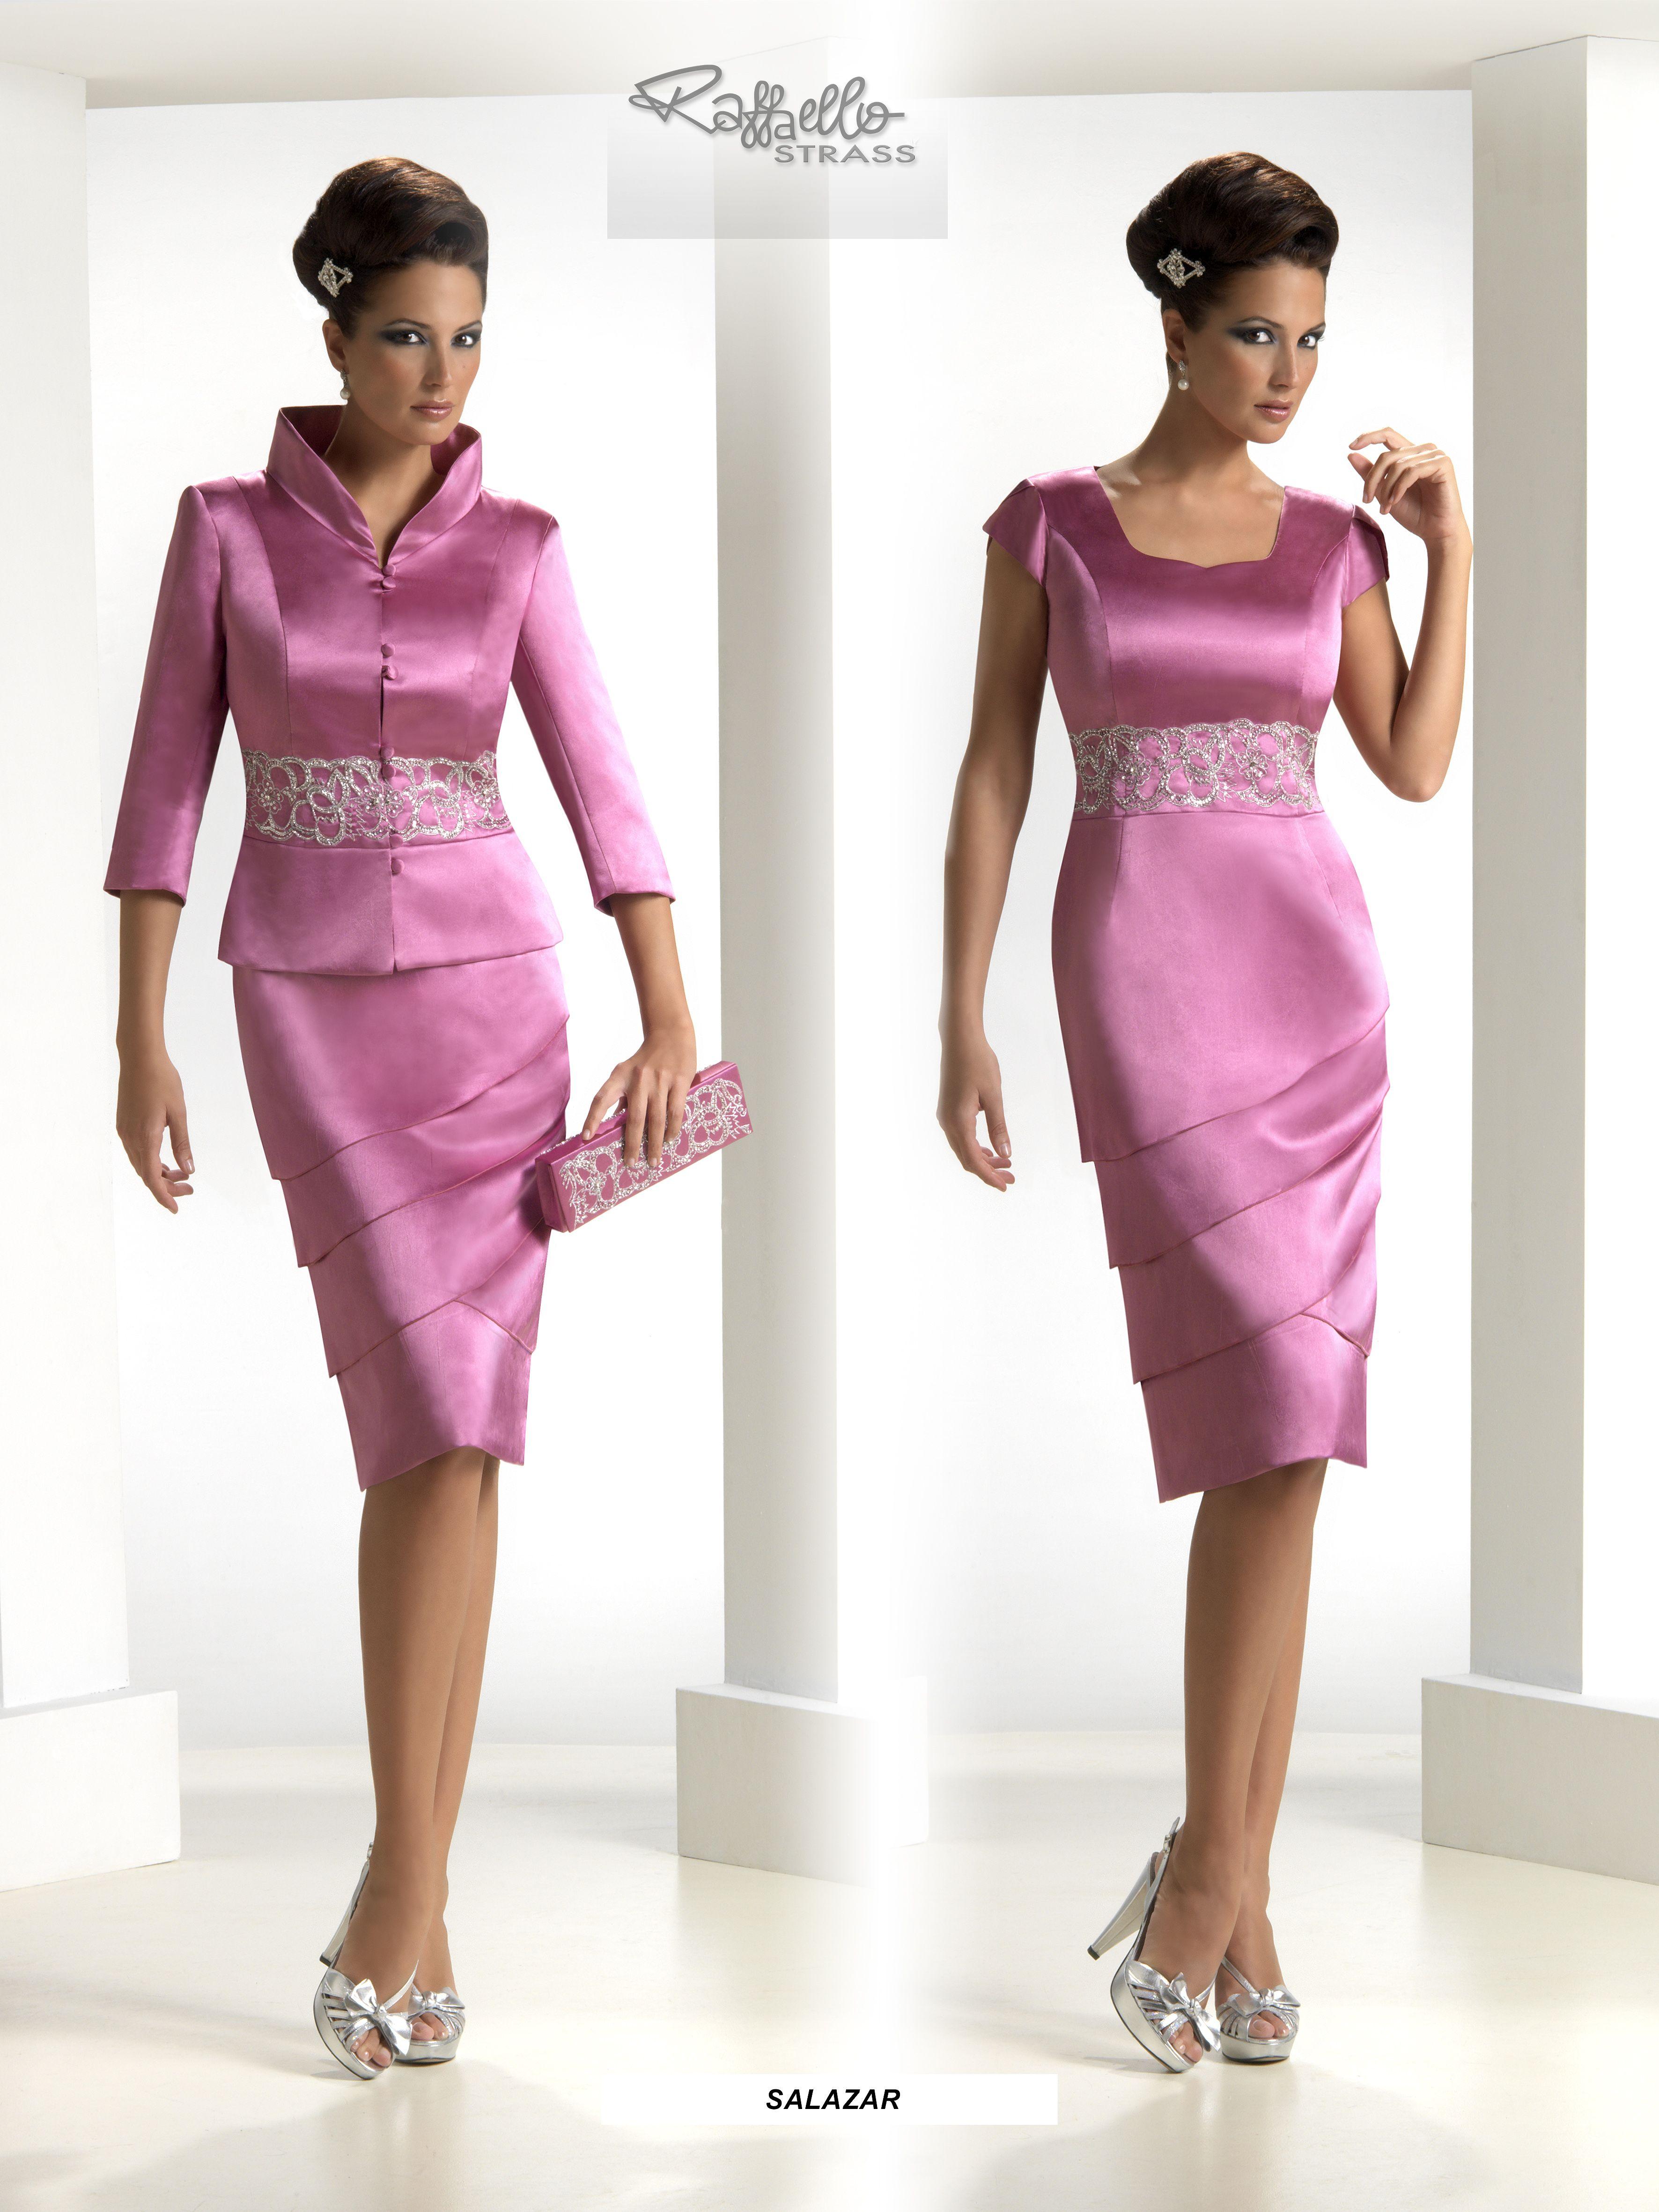 Chaqueta para vestido fiesta rosa